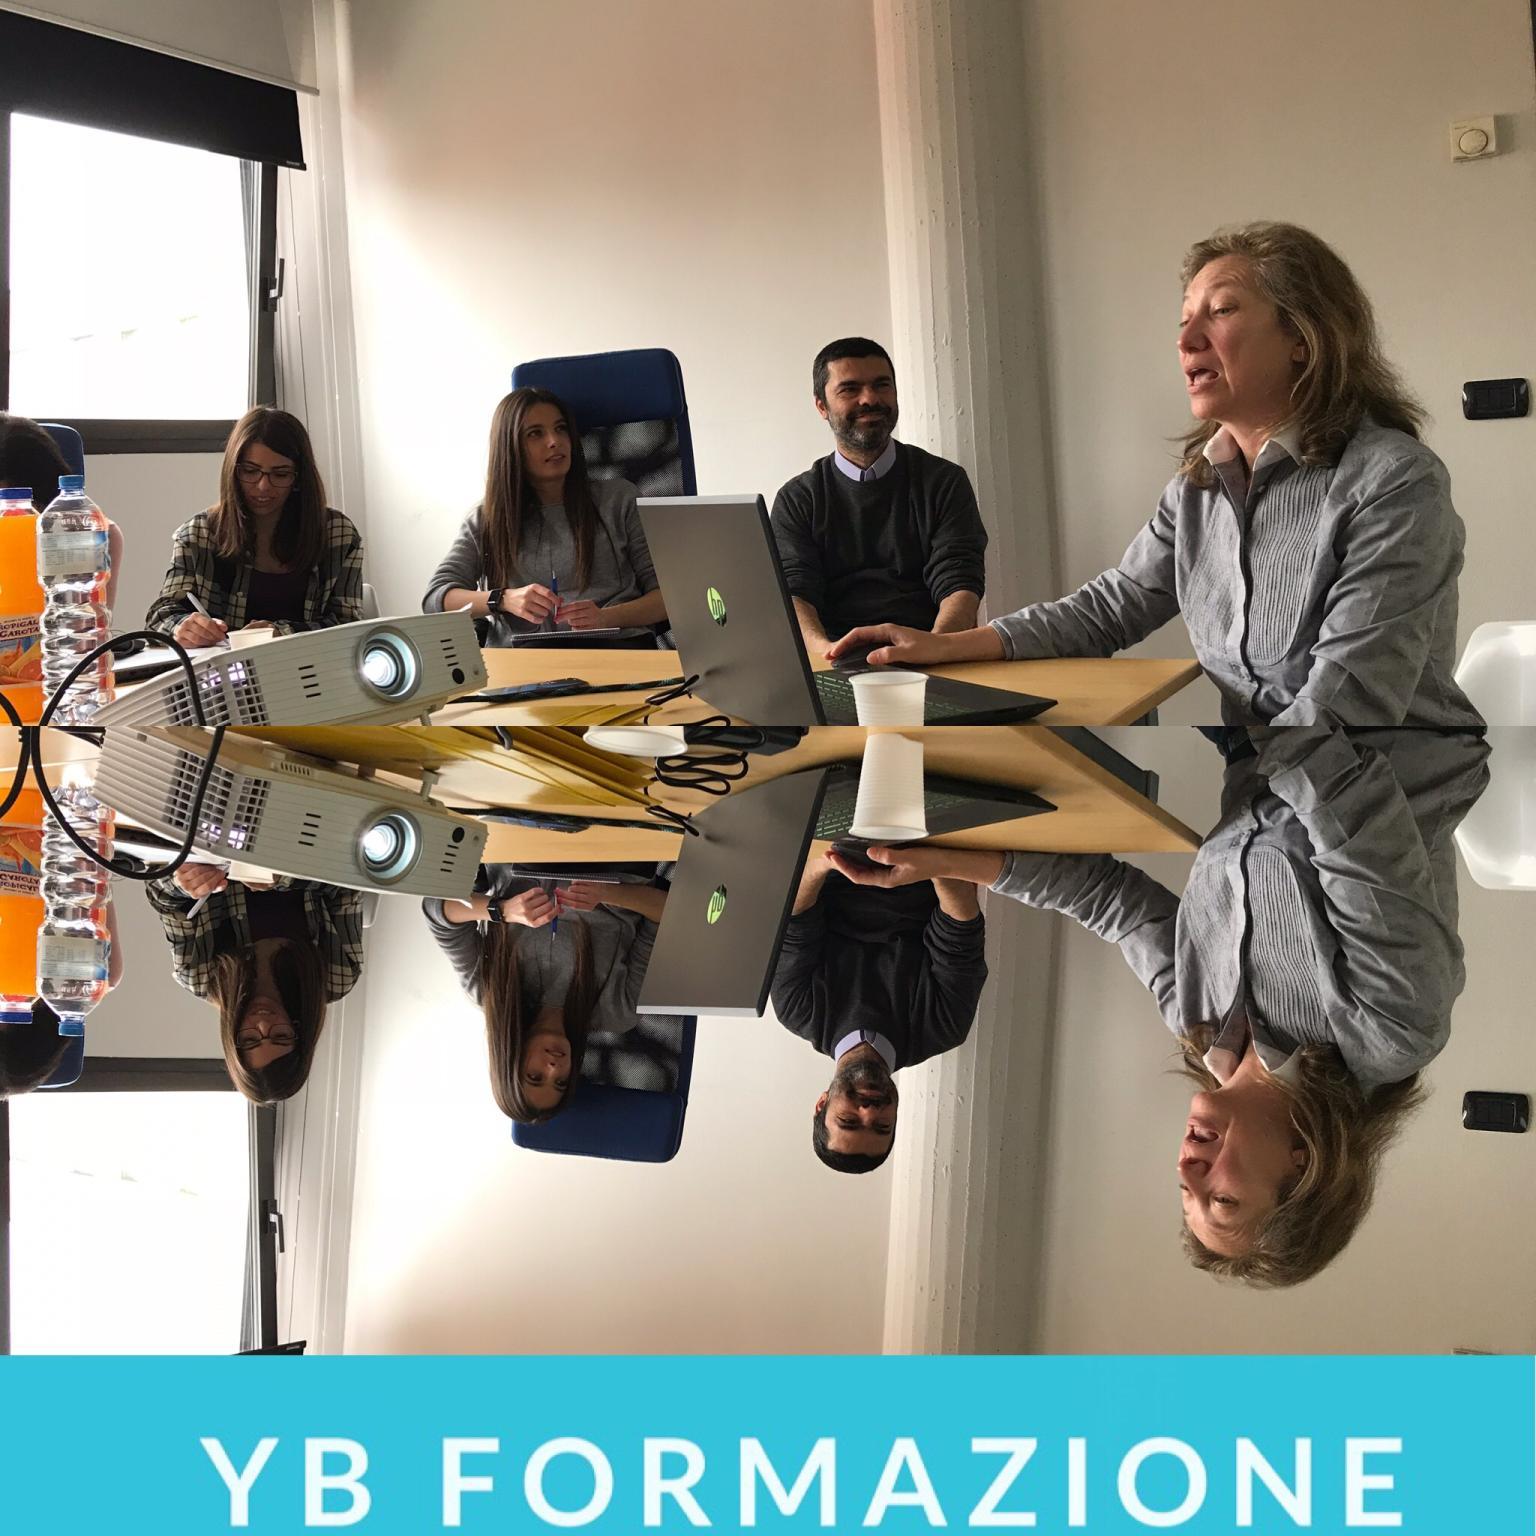 YB Formazione - il team